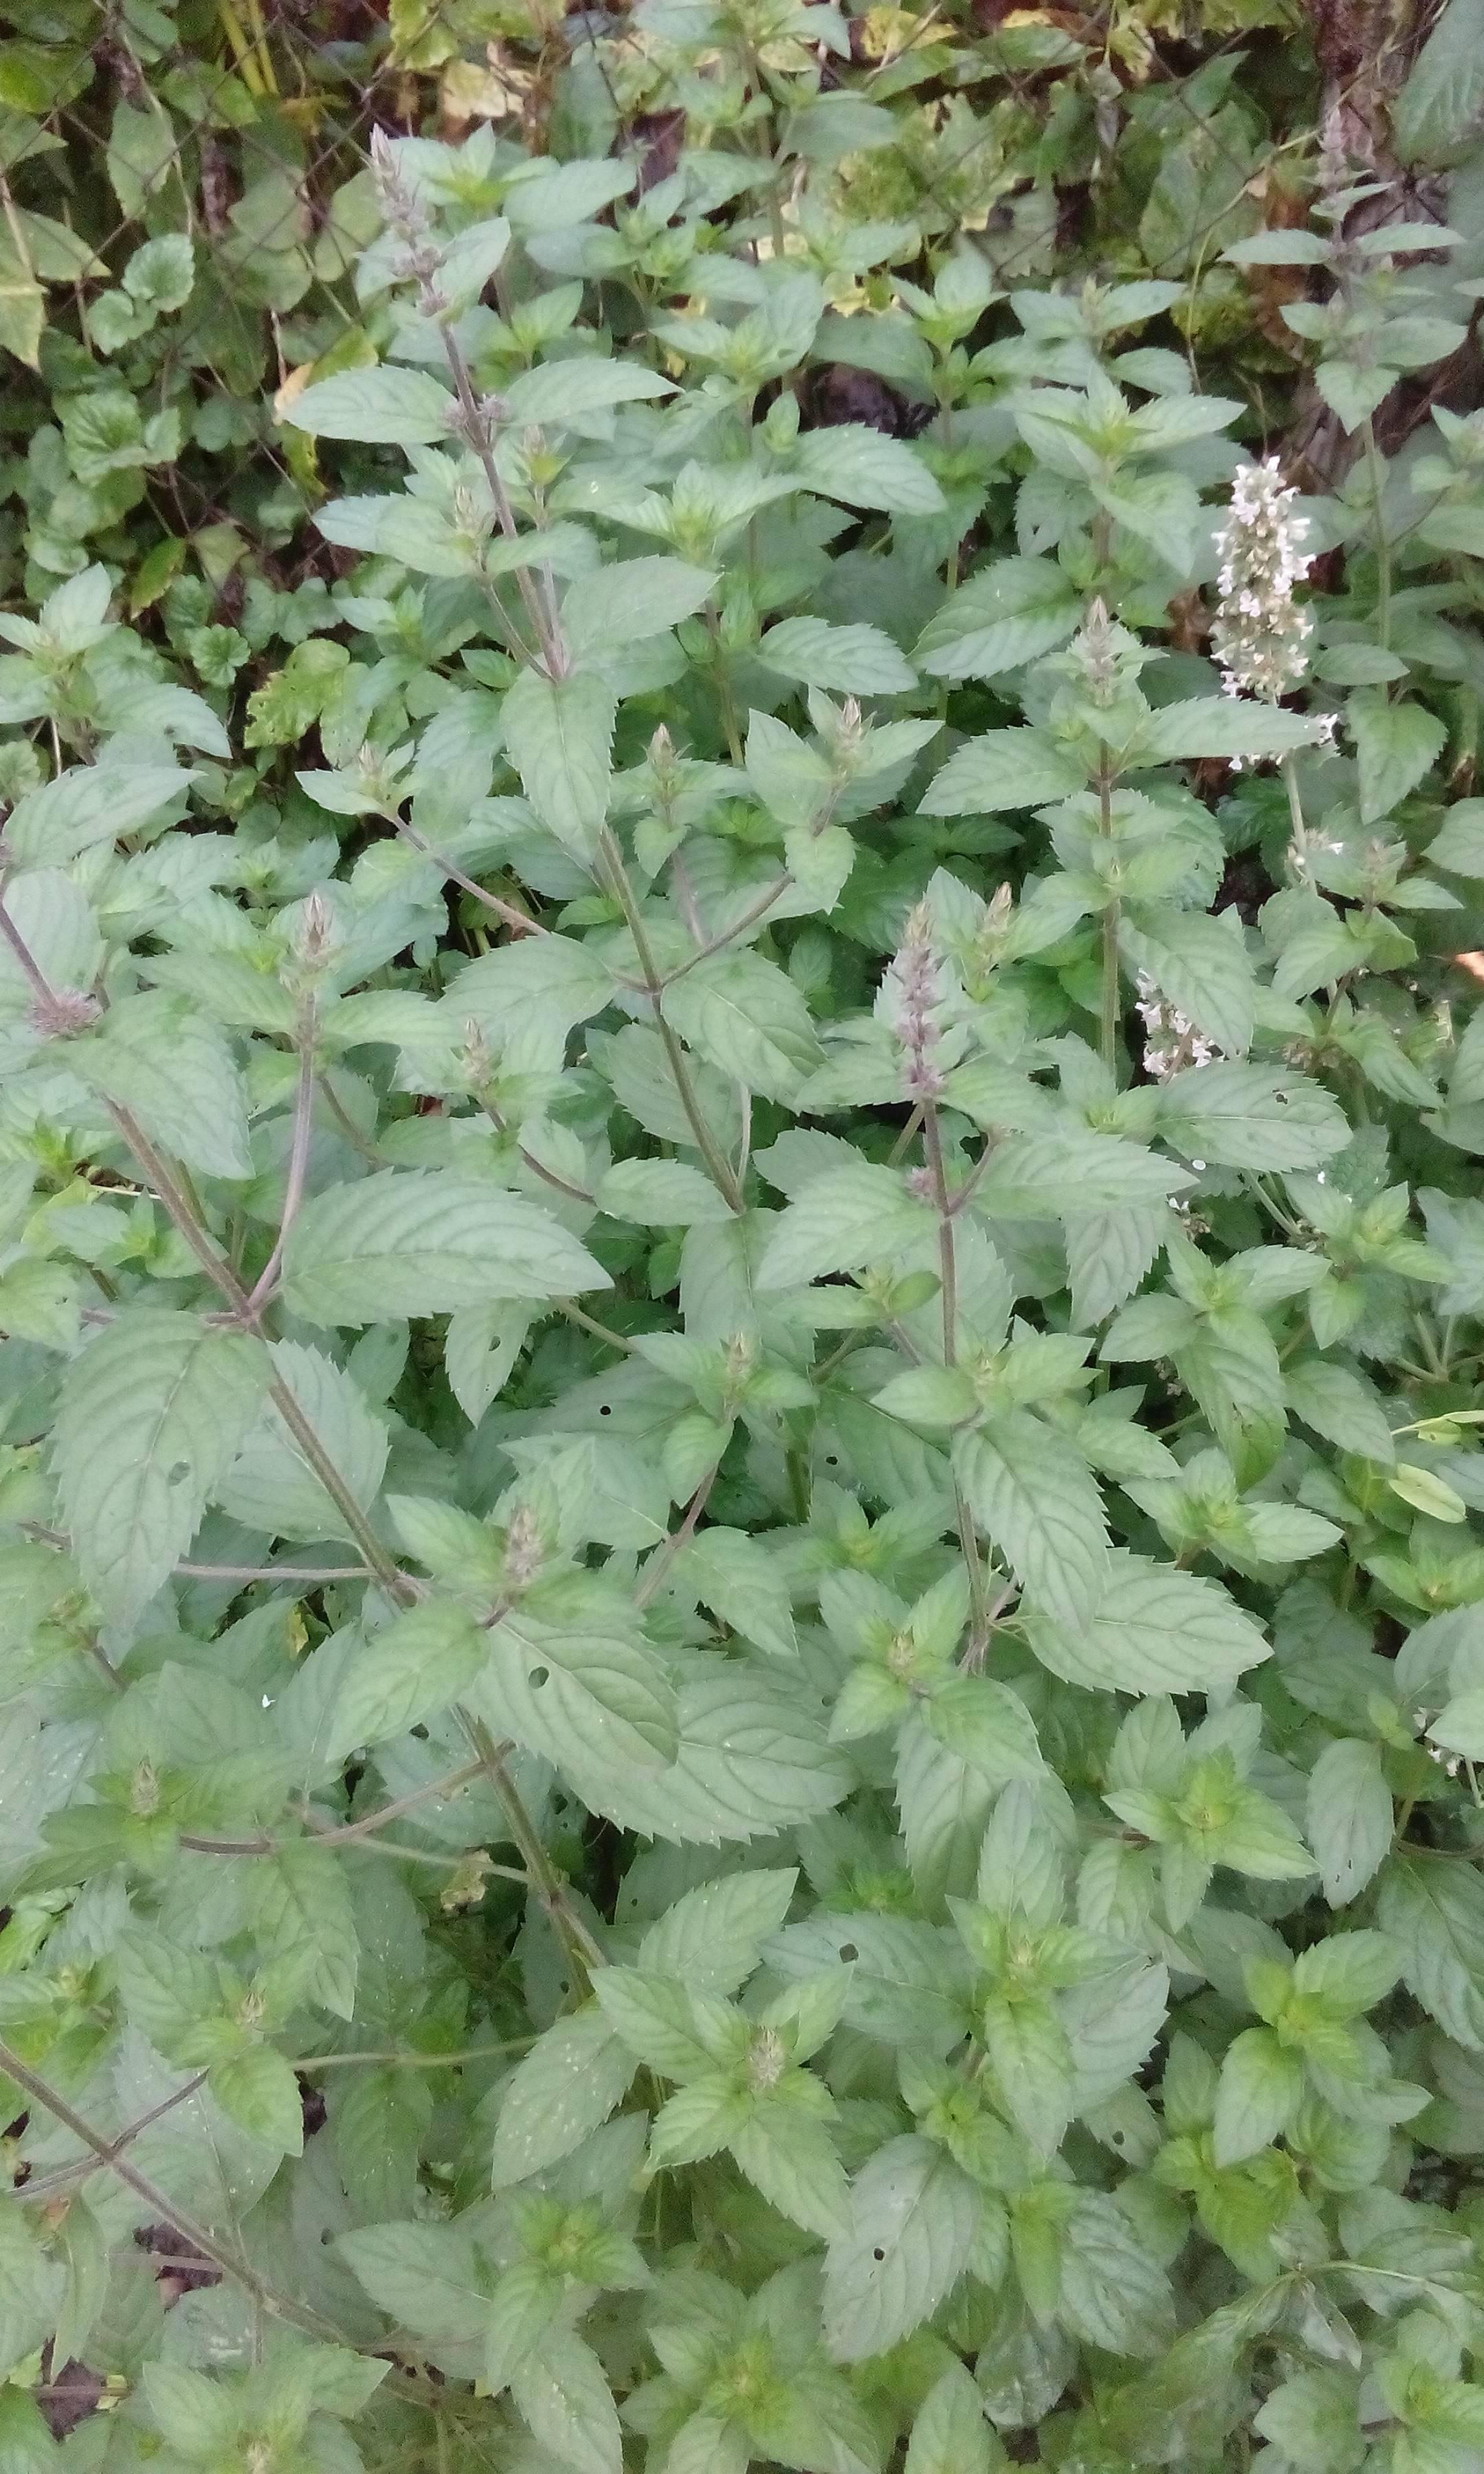 Мята — какую выбрать и как выращивать? описание видов, агротехника, фото — ботаничка.ru